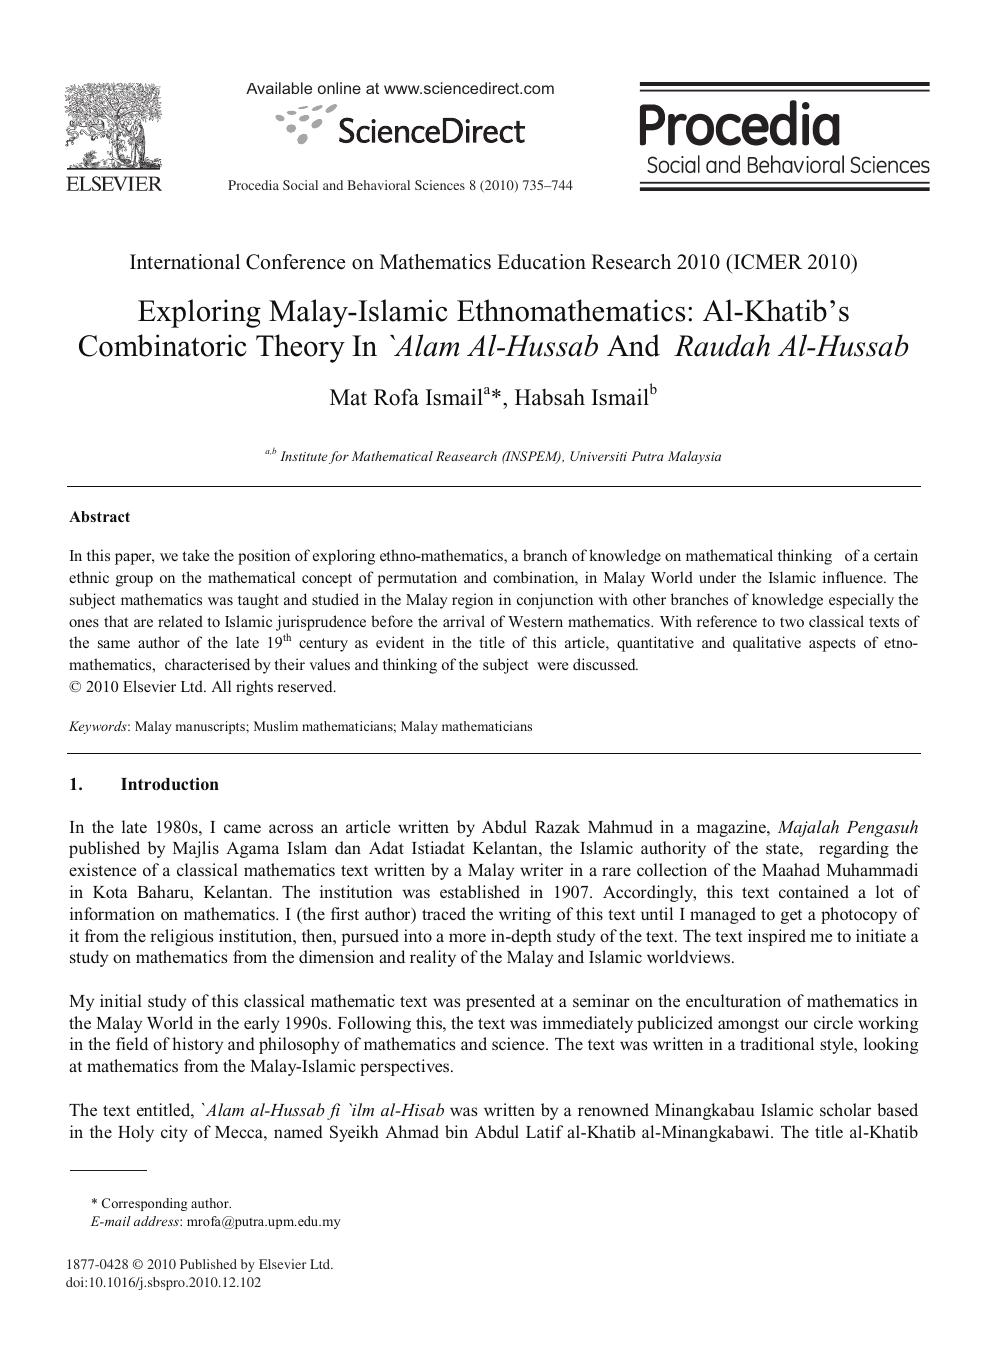 Exploring Malay-Islamic Ethnomathematics: Al-Khatib's Combinatoric